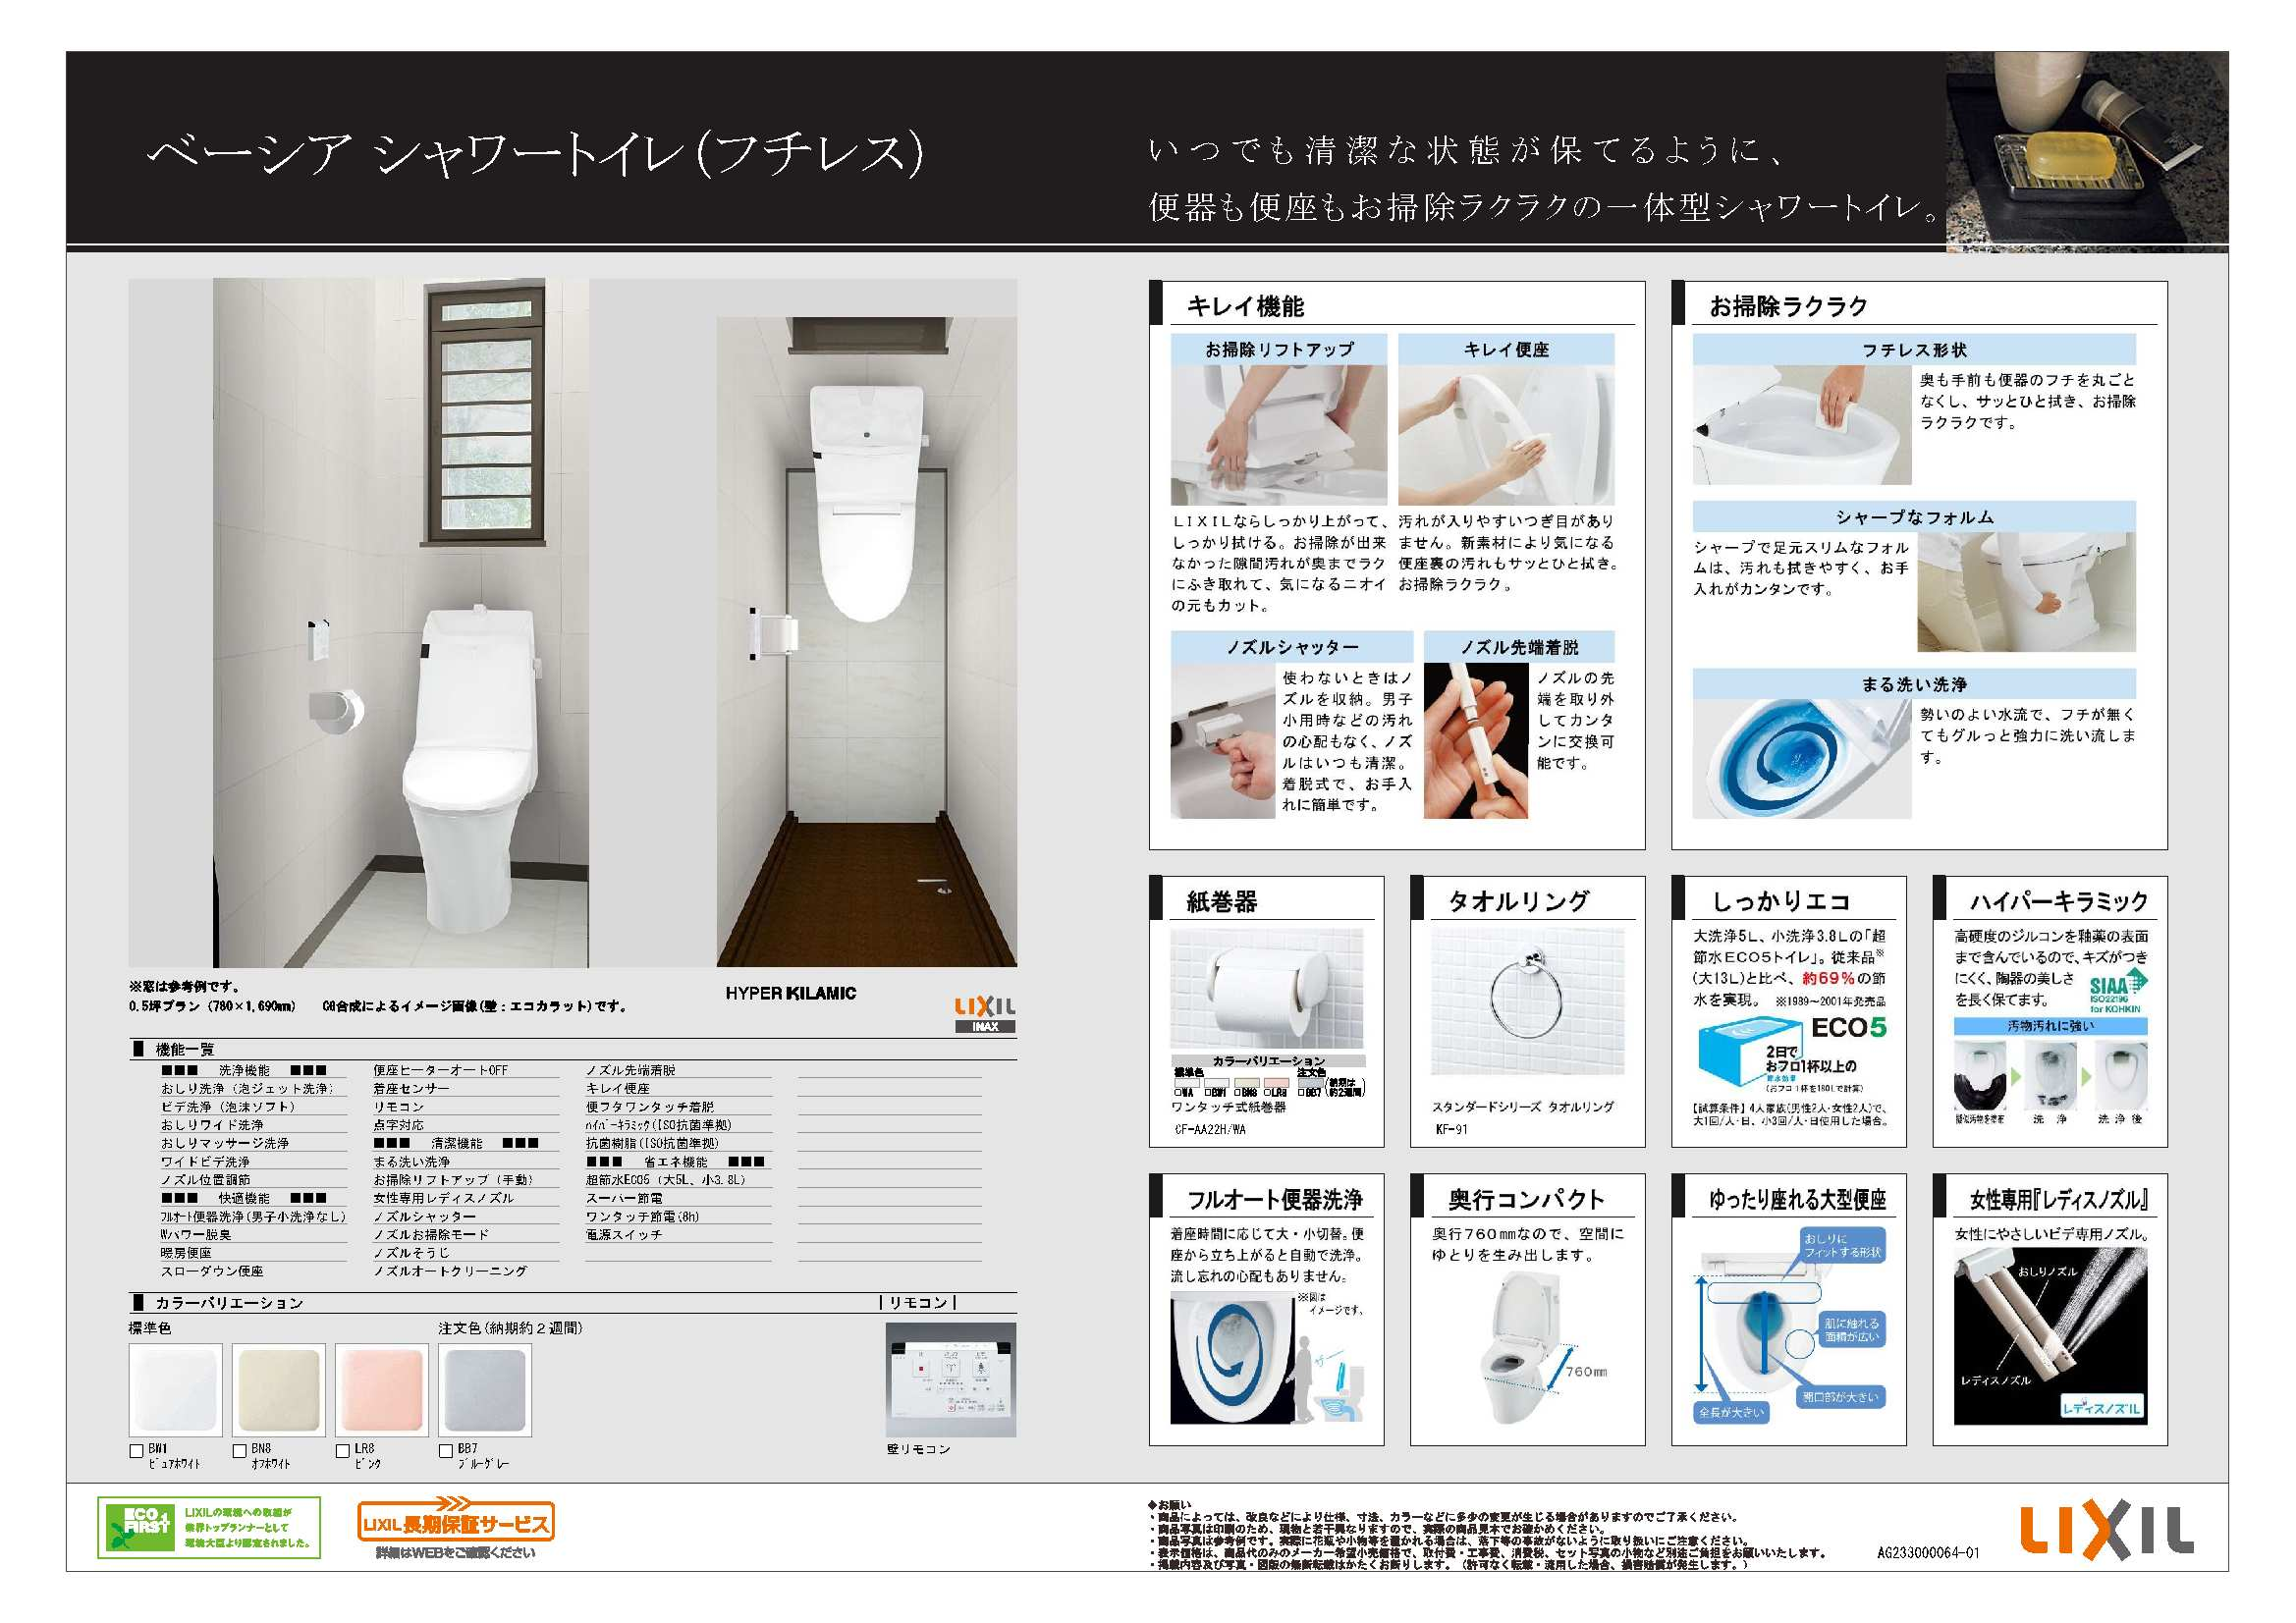 片木反毛株式会社2015標準仕様書-15